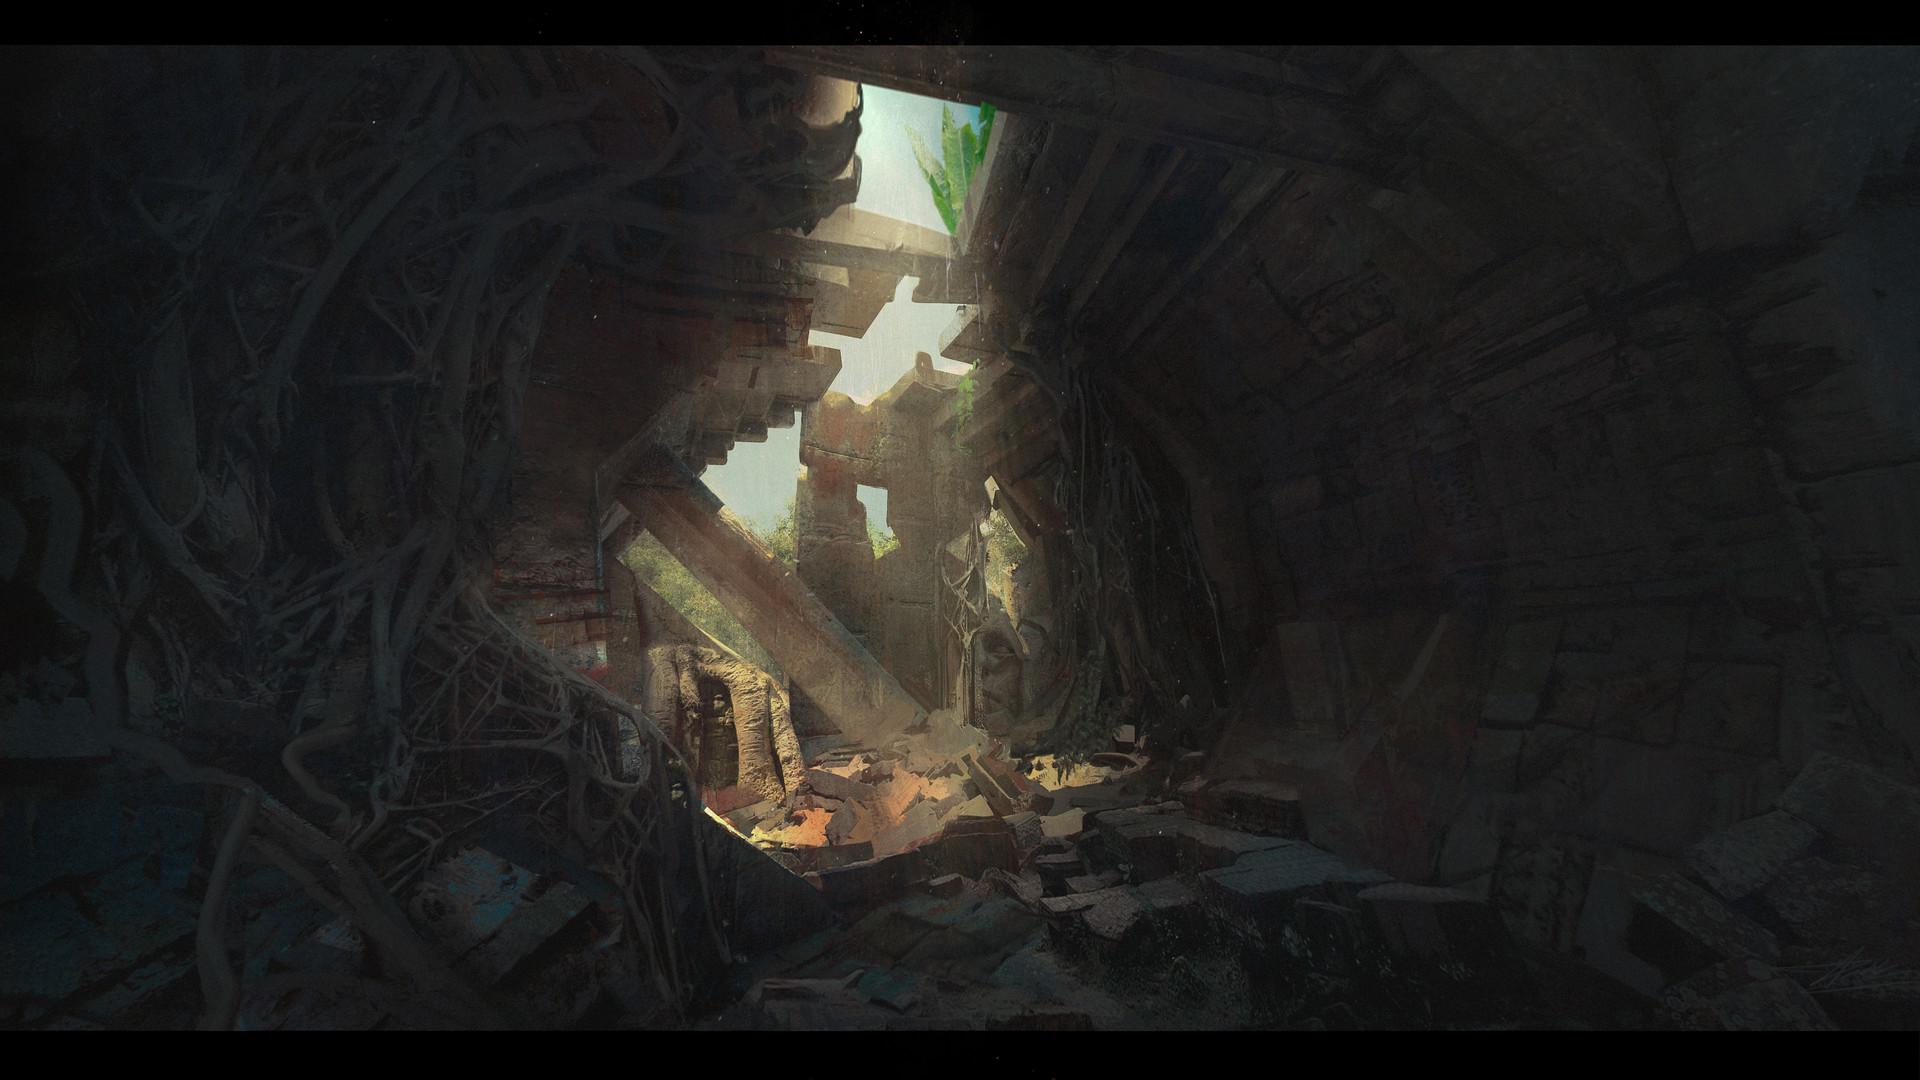 Pablo dominguez 2017 ruins holes